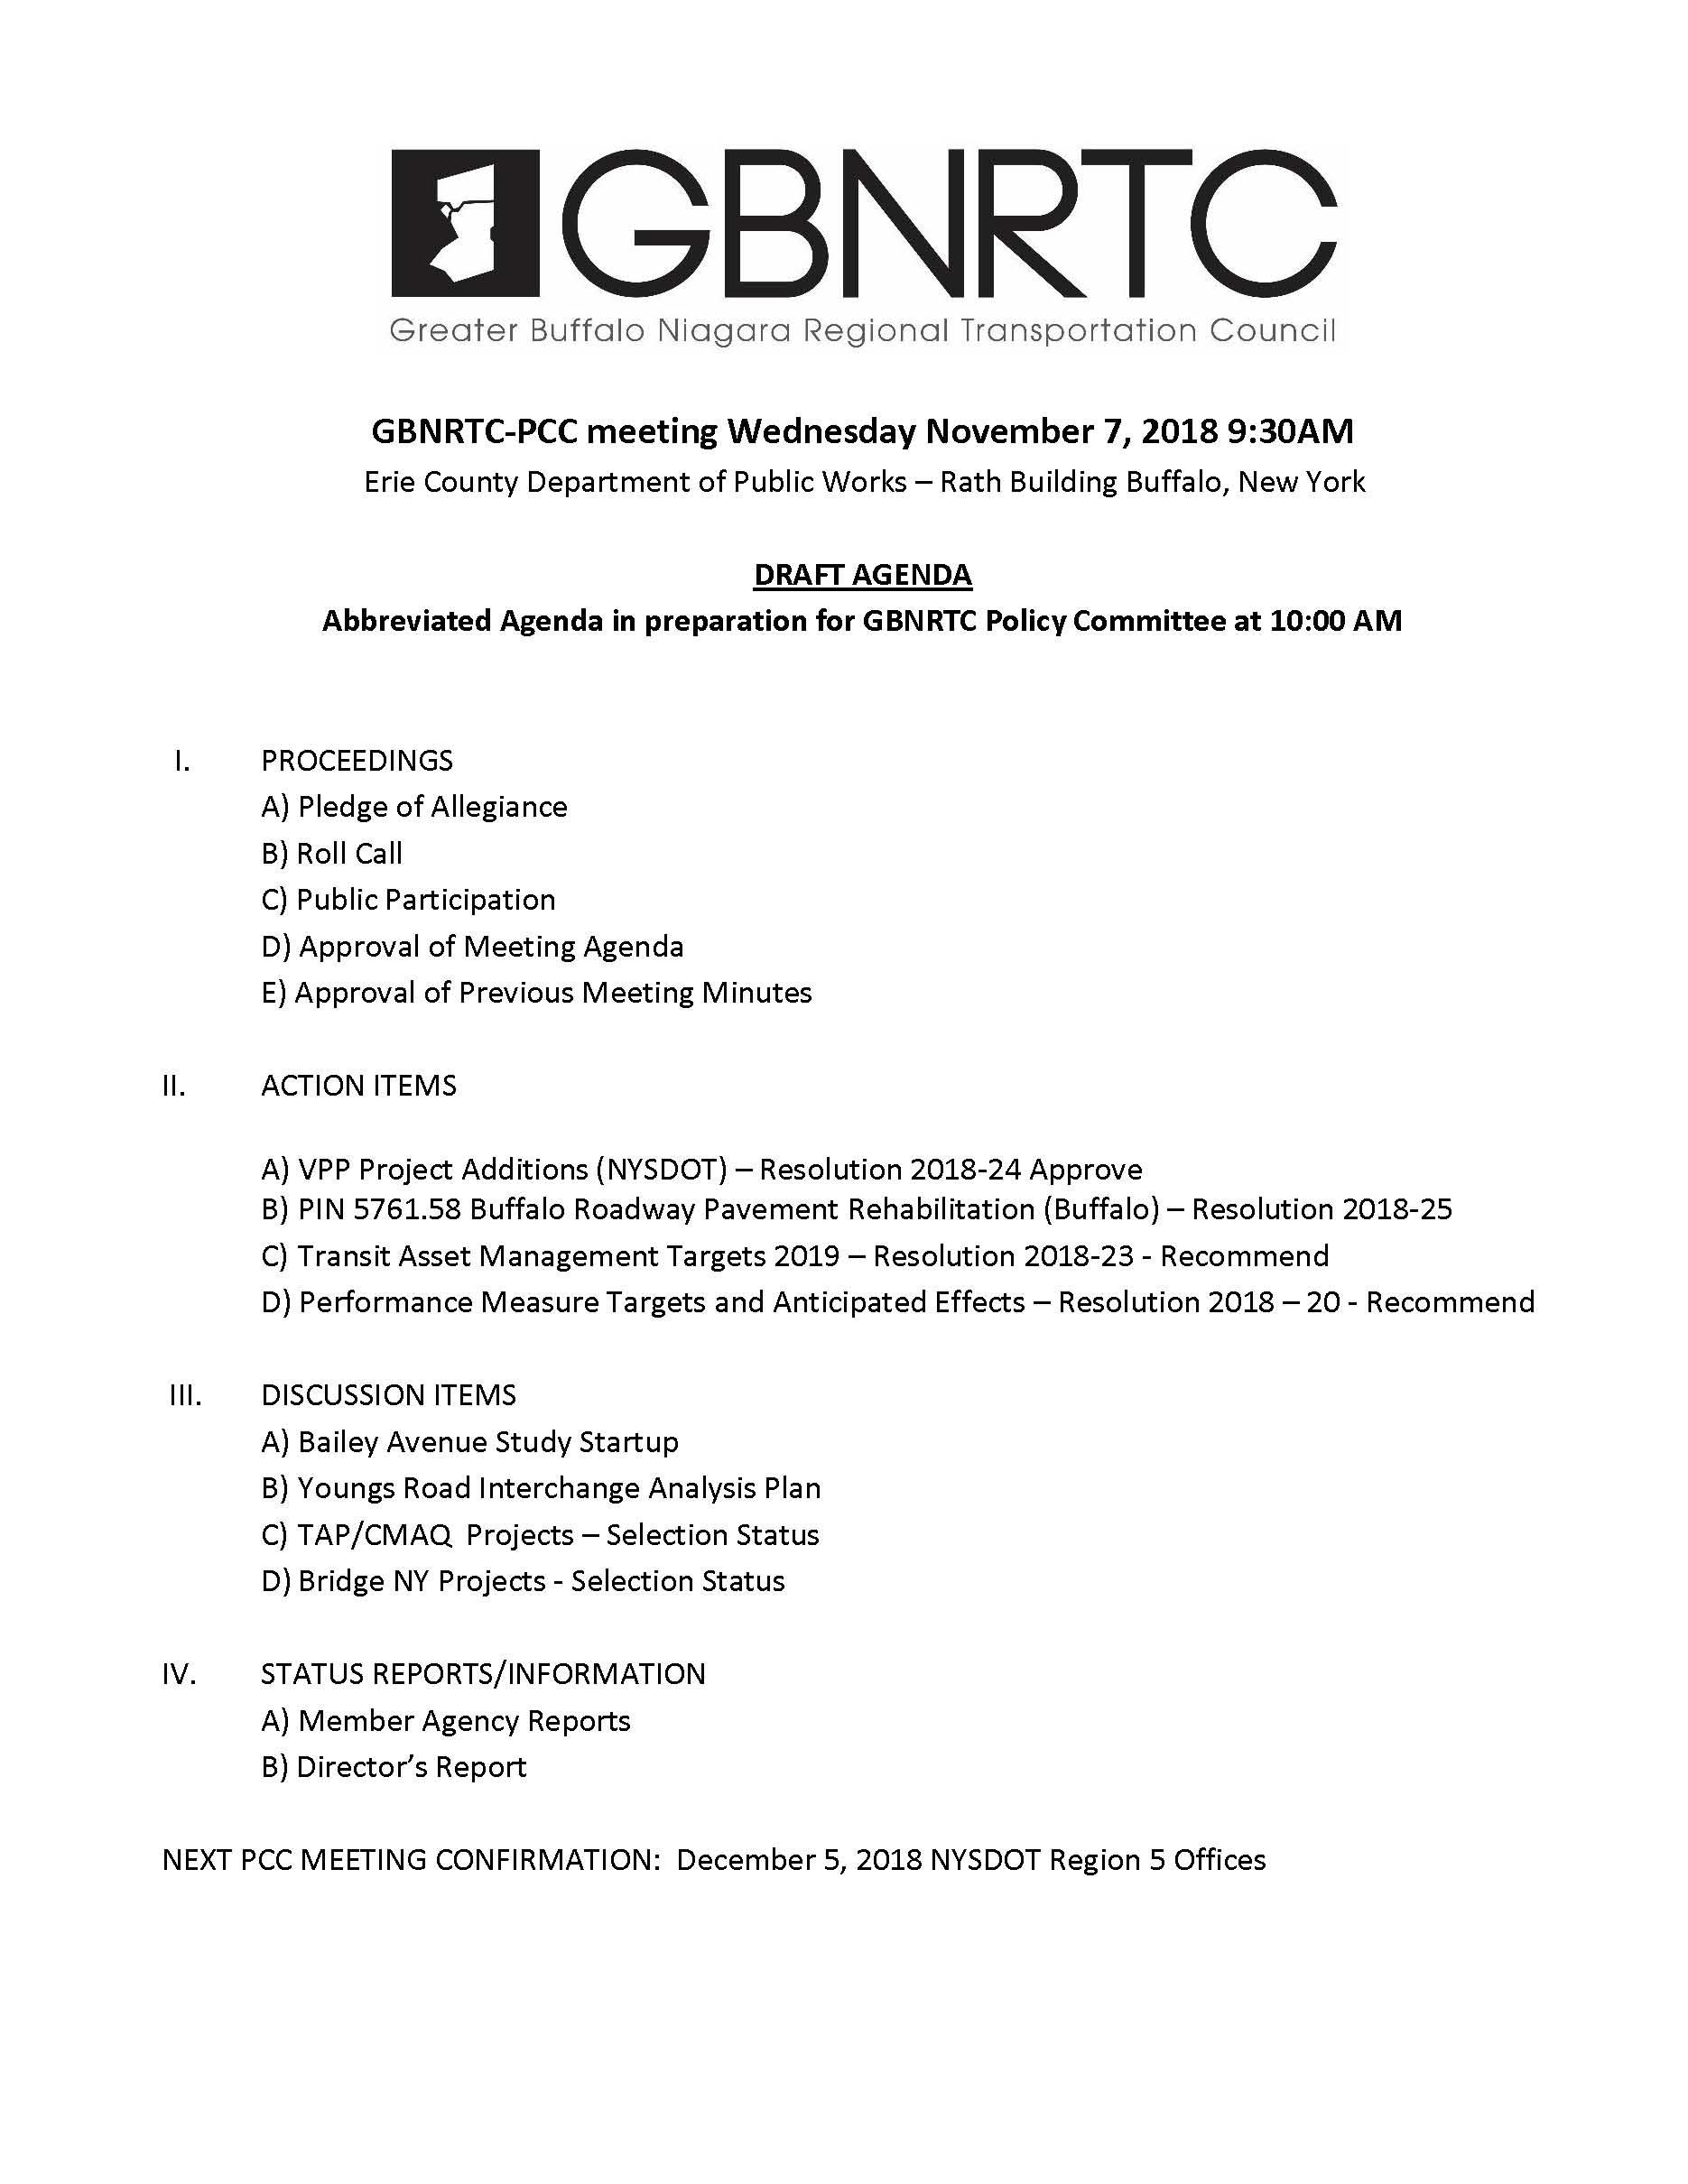 PCC Agenda 11-7-2018